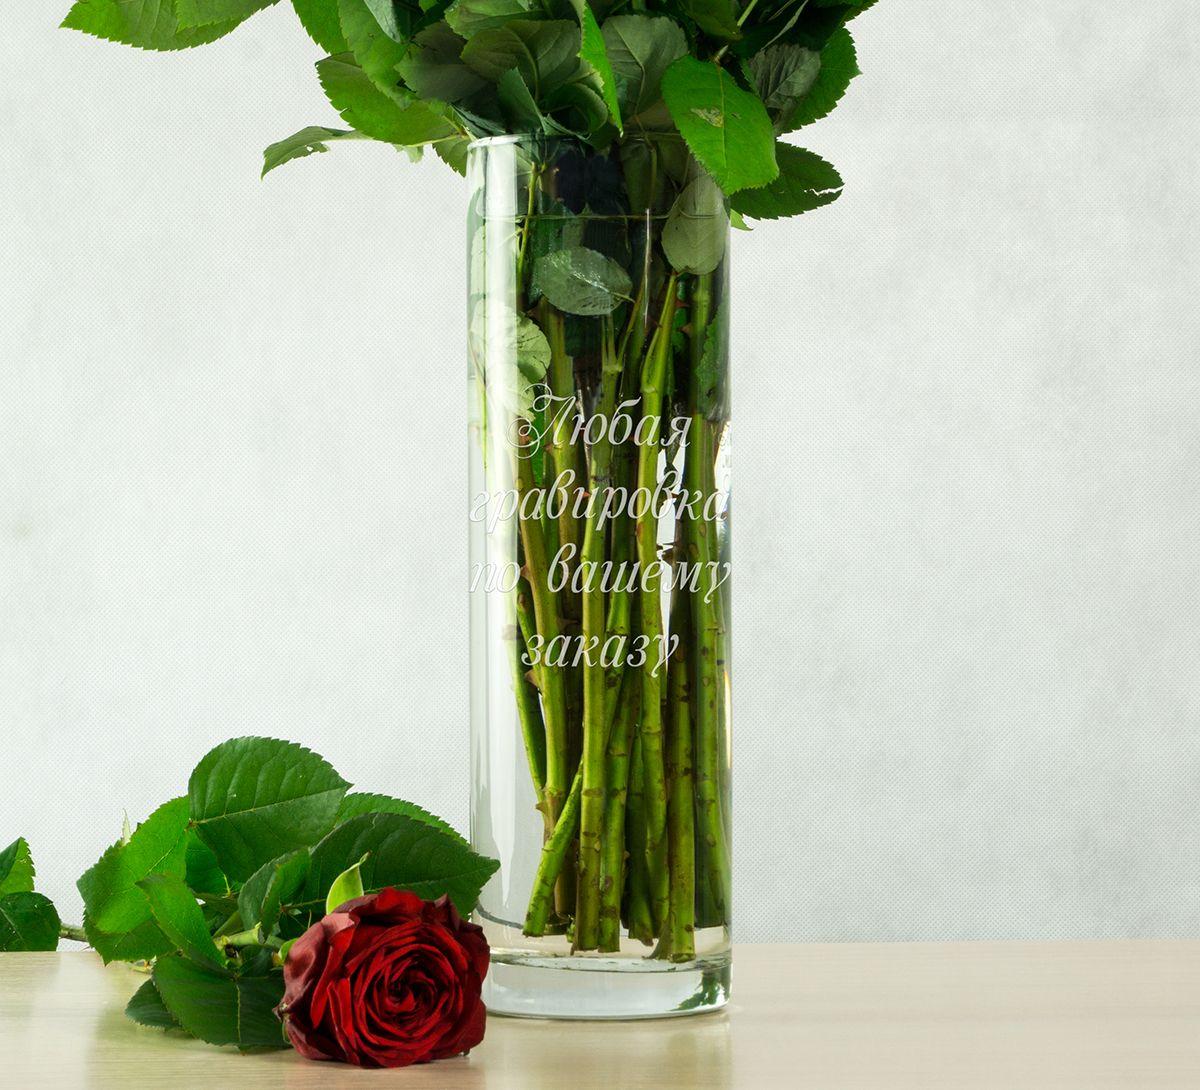 Ваза для цветов со своей надписью